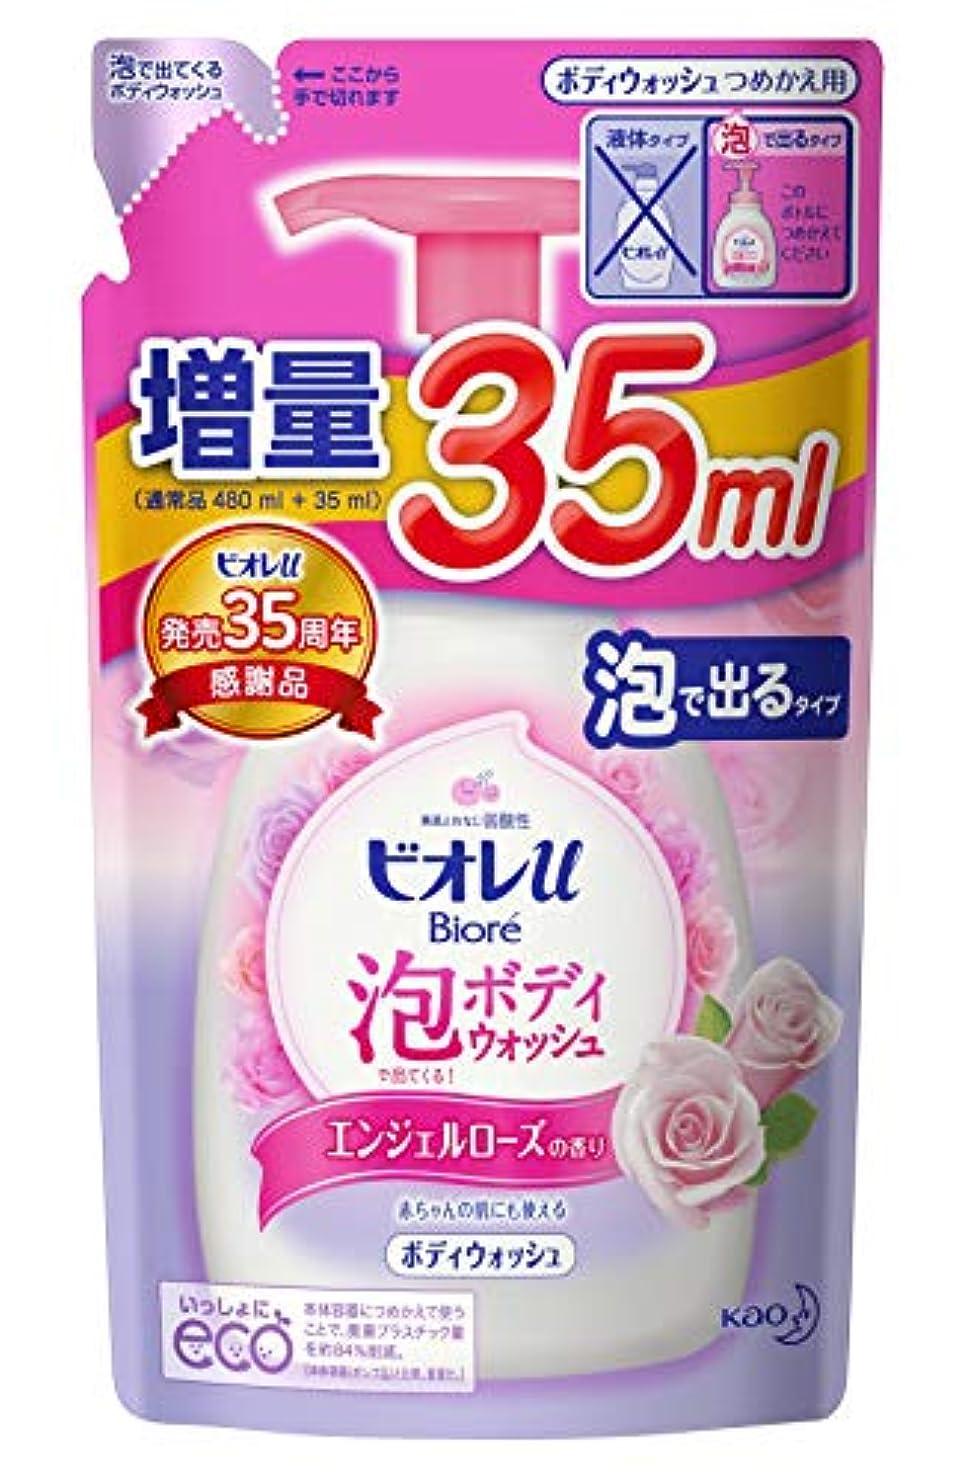 質量絶えず栄養ビオレu 泡で出てくるボディウォッシュ エンジェルローズの香り つめかえ用 515ml(通常480ml+35ml)